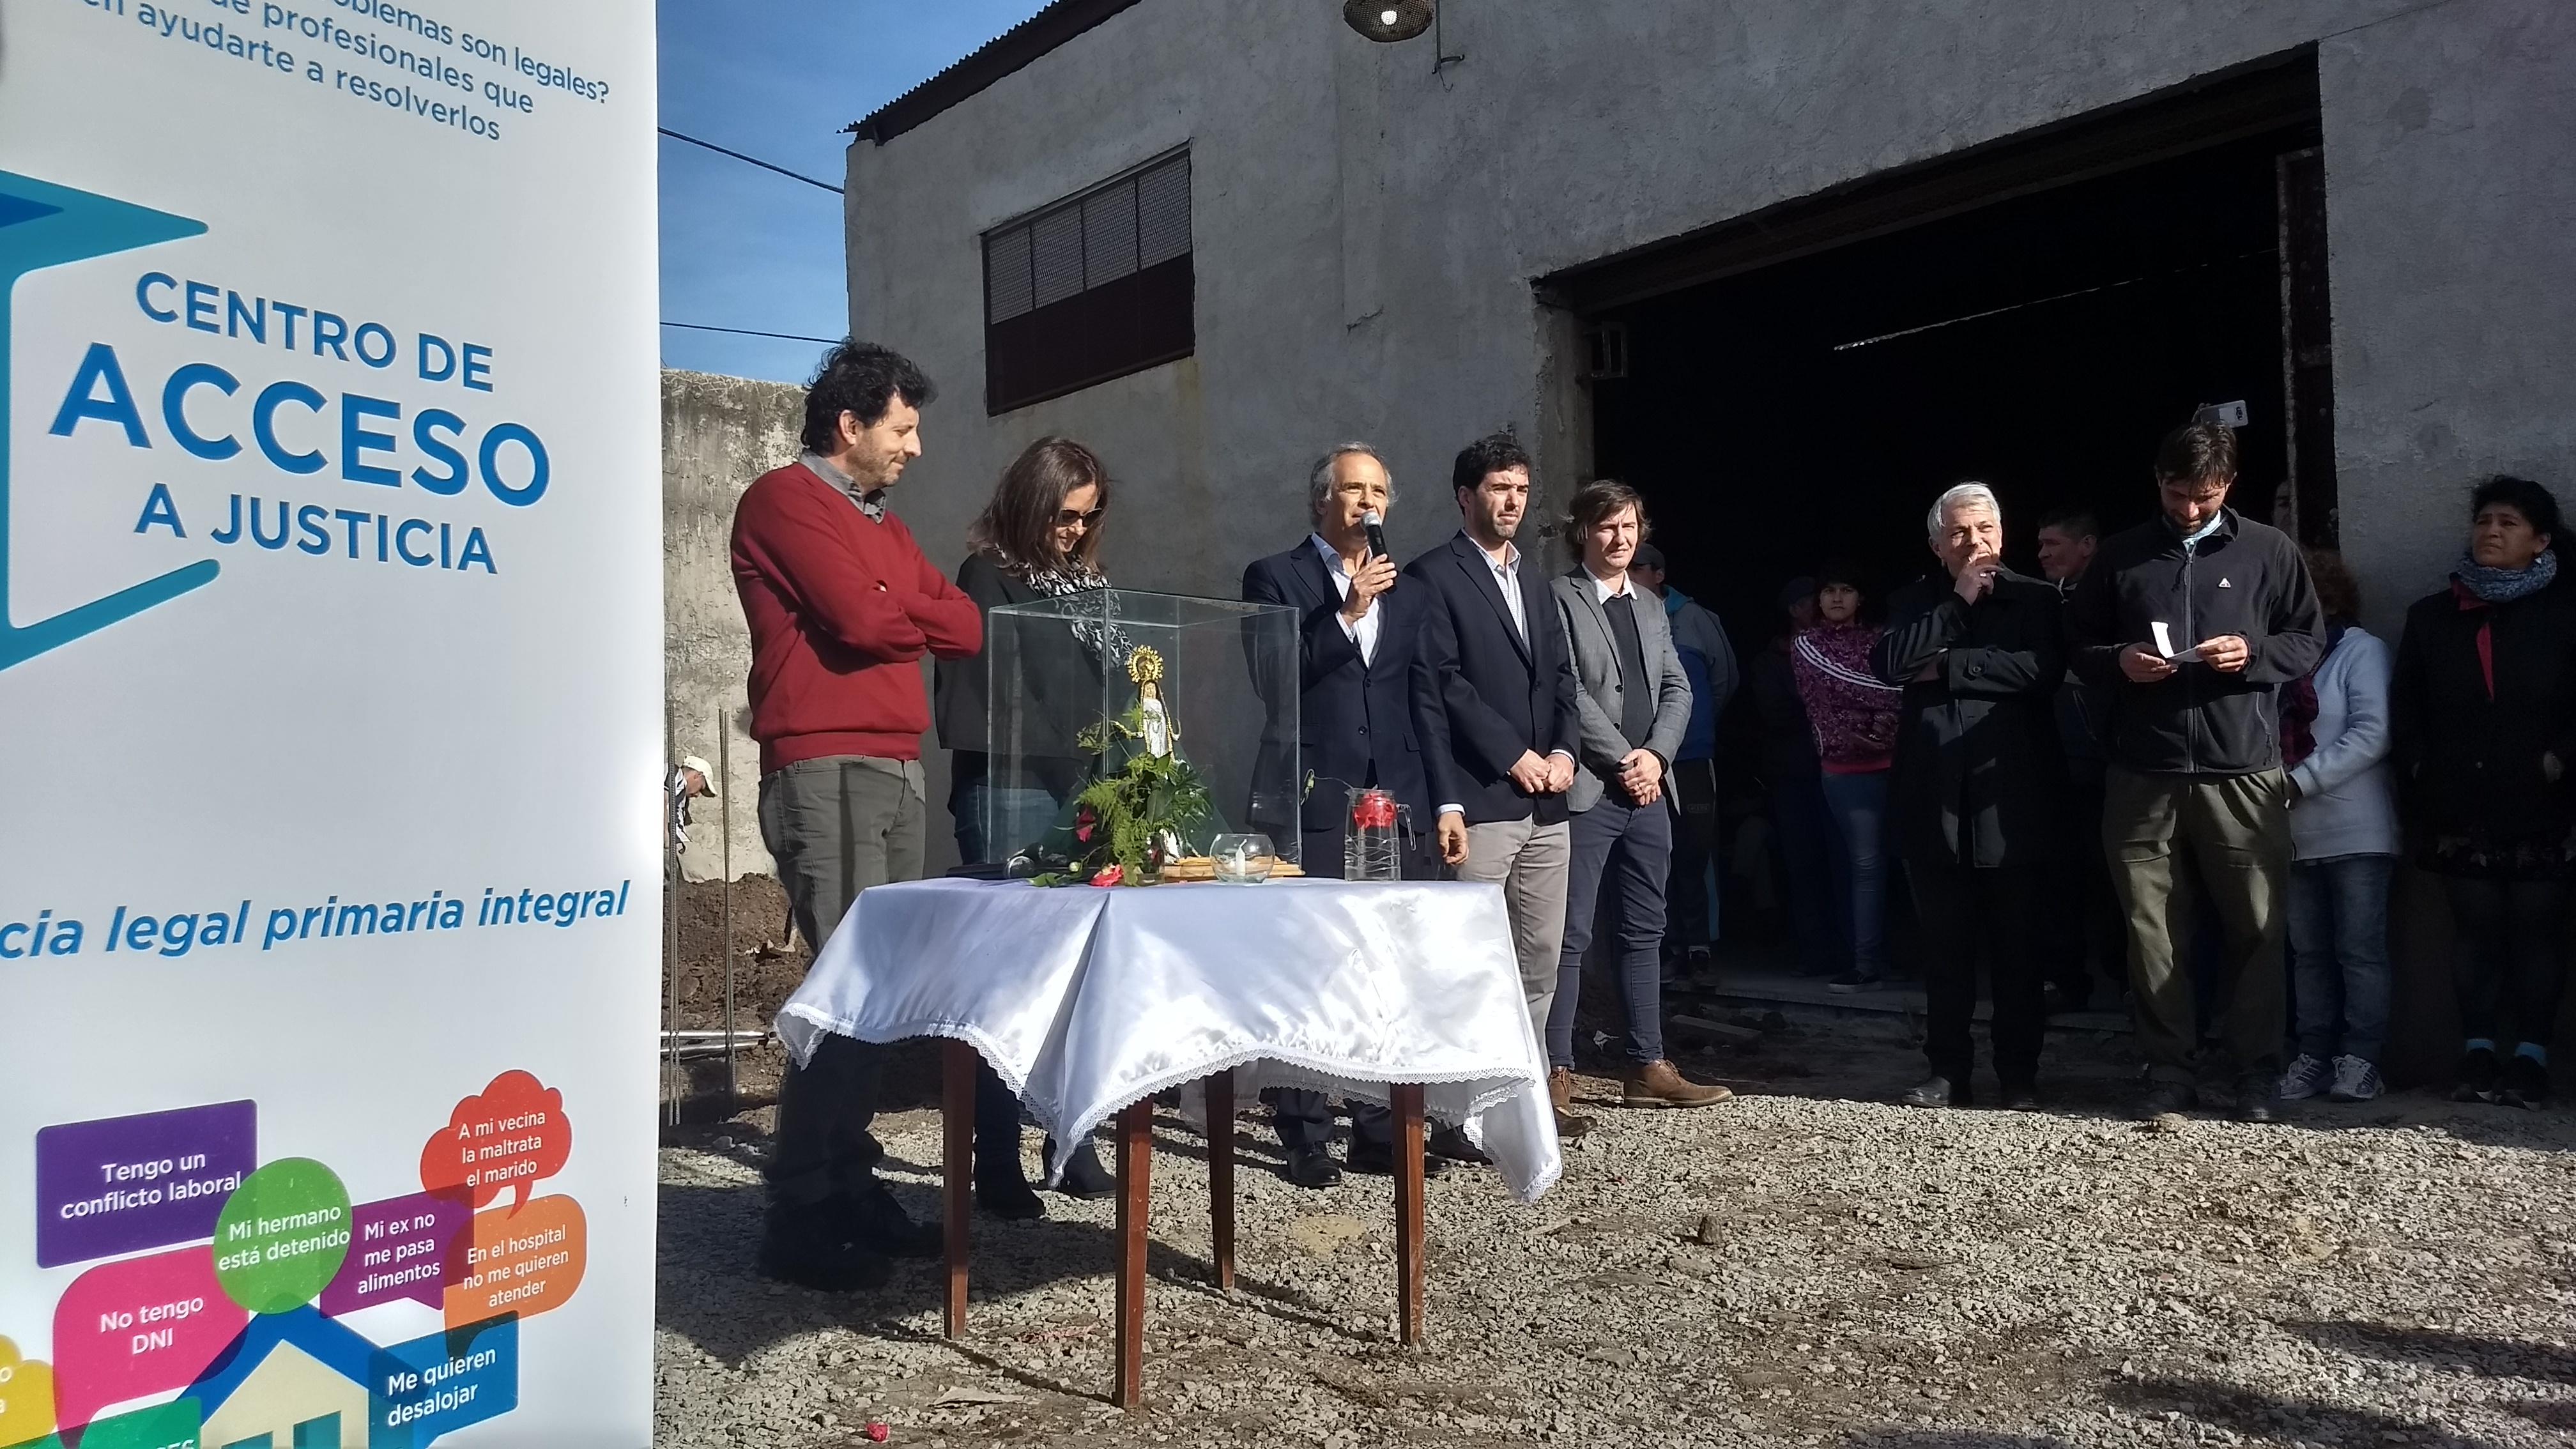 Nuevo Centro de Acceso a Justicia en el Barrio 17 de Marzo, La Matanza